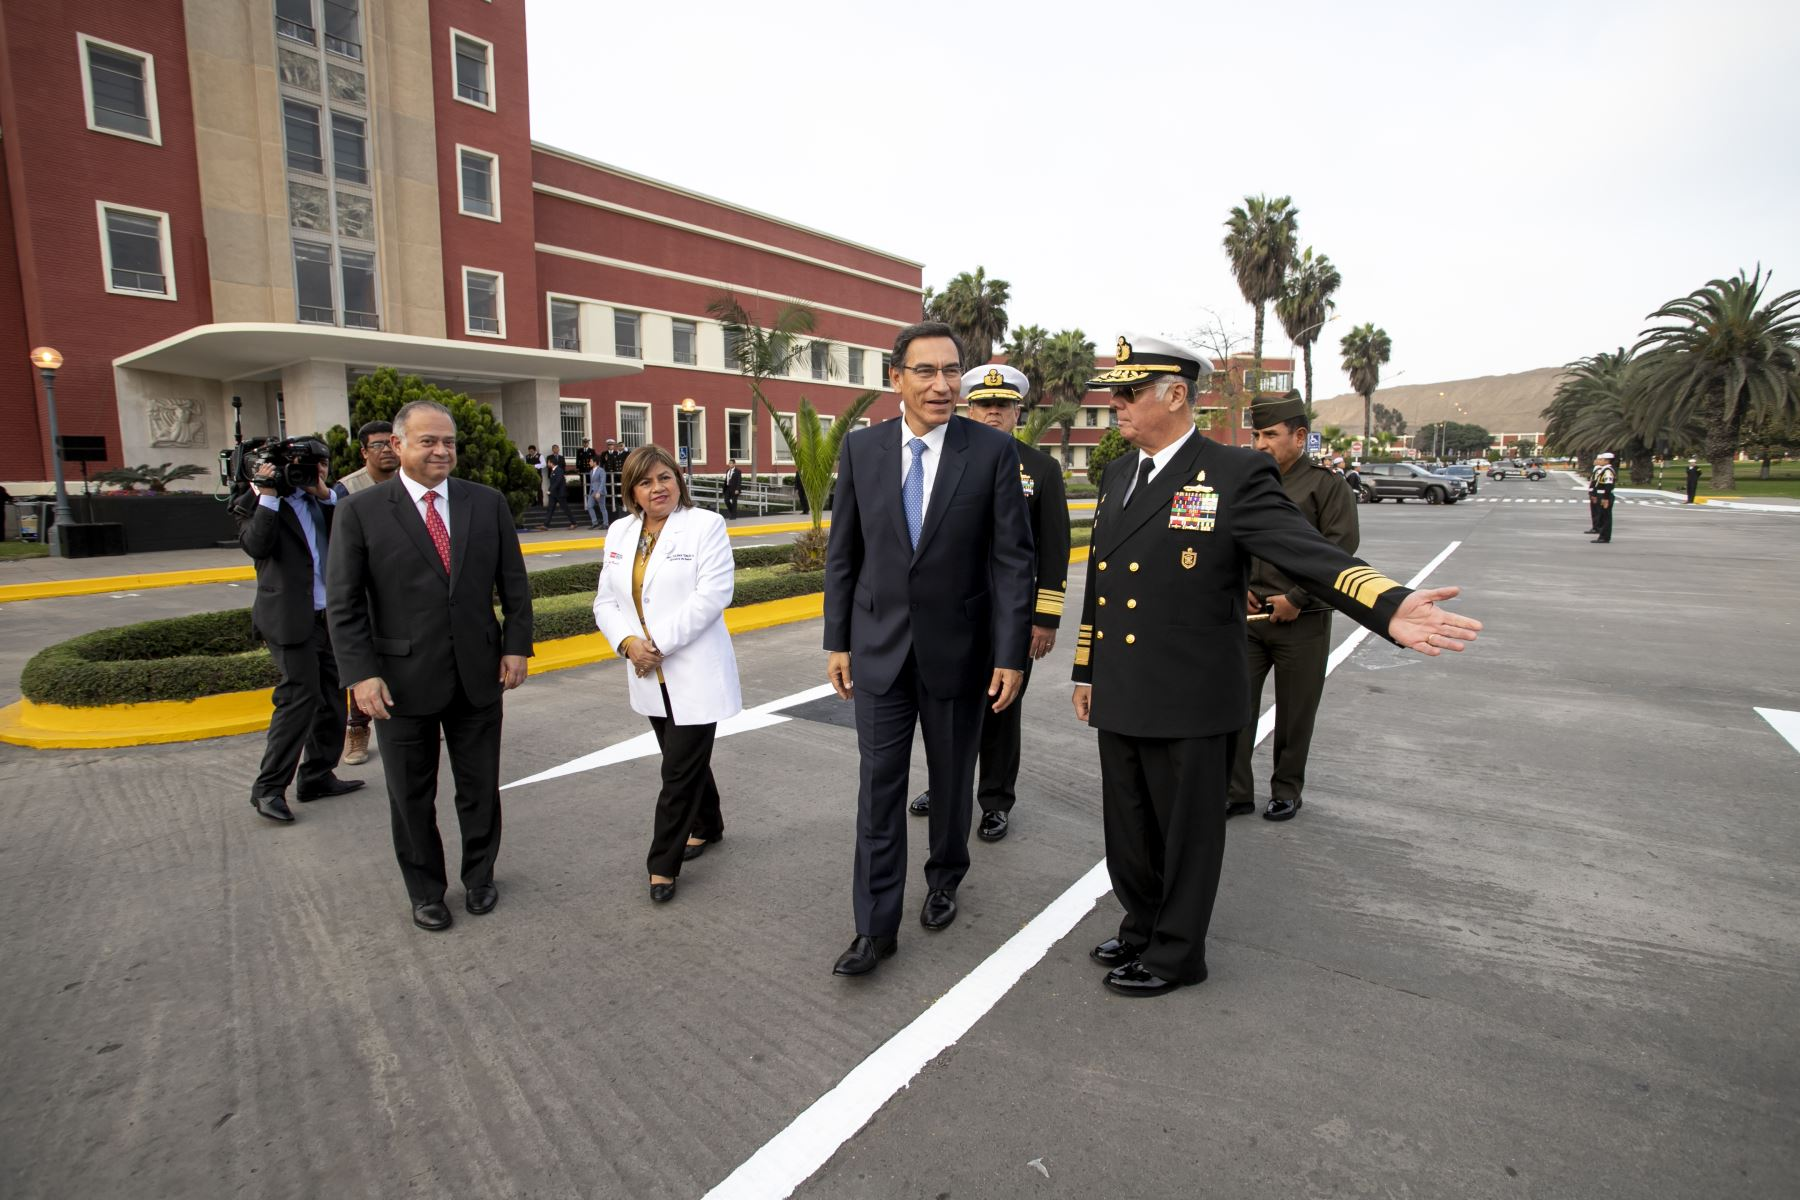 Presidente Martin Vizcarra participo en el 50° Aniversario del Primer Trasplante Exitoso de Riñón de realizado en un nosocomio de la Marina de Guerra. Foto:ANDINA/ Prensa Presidencia